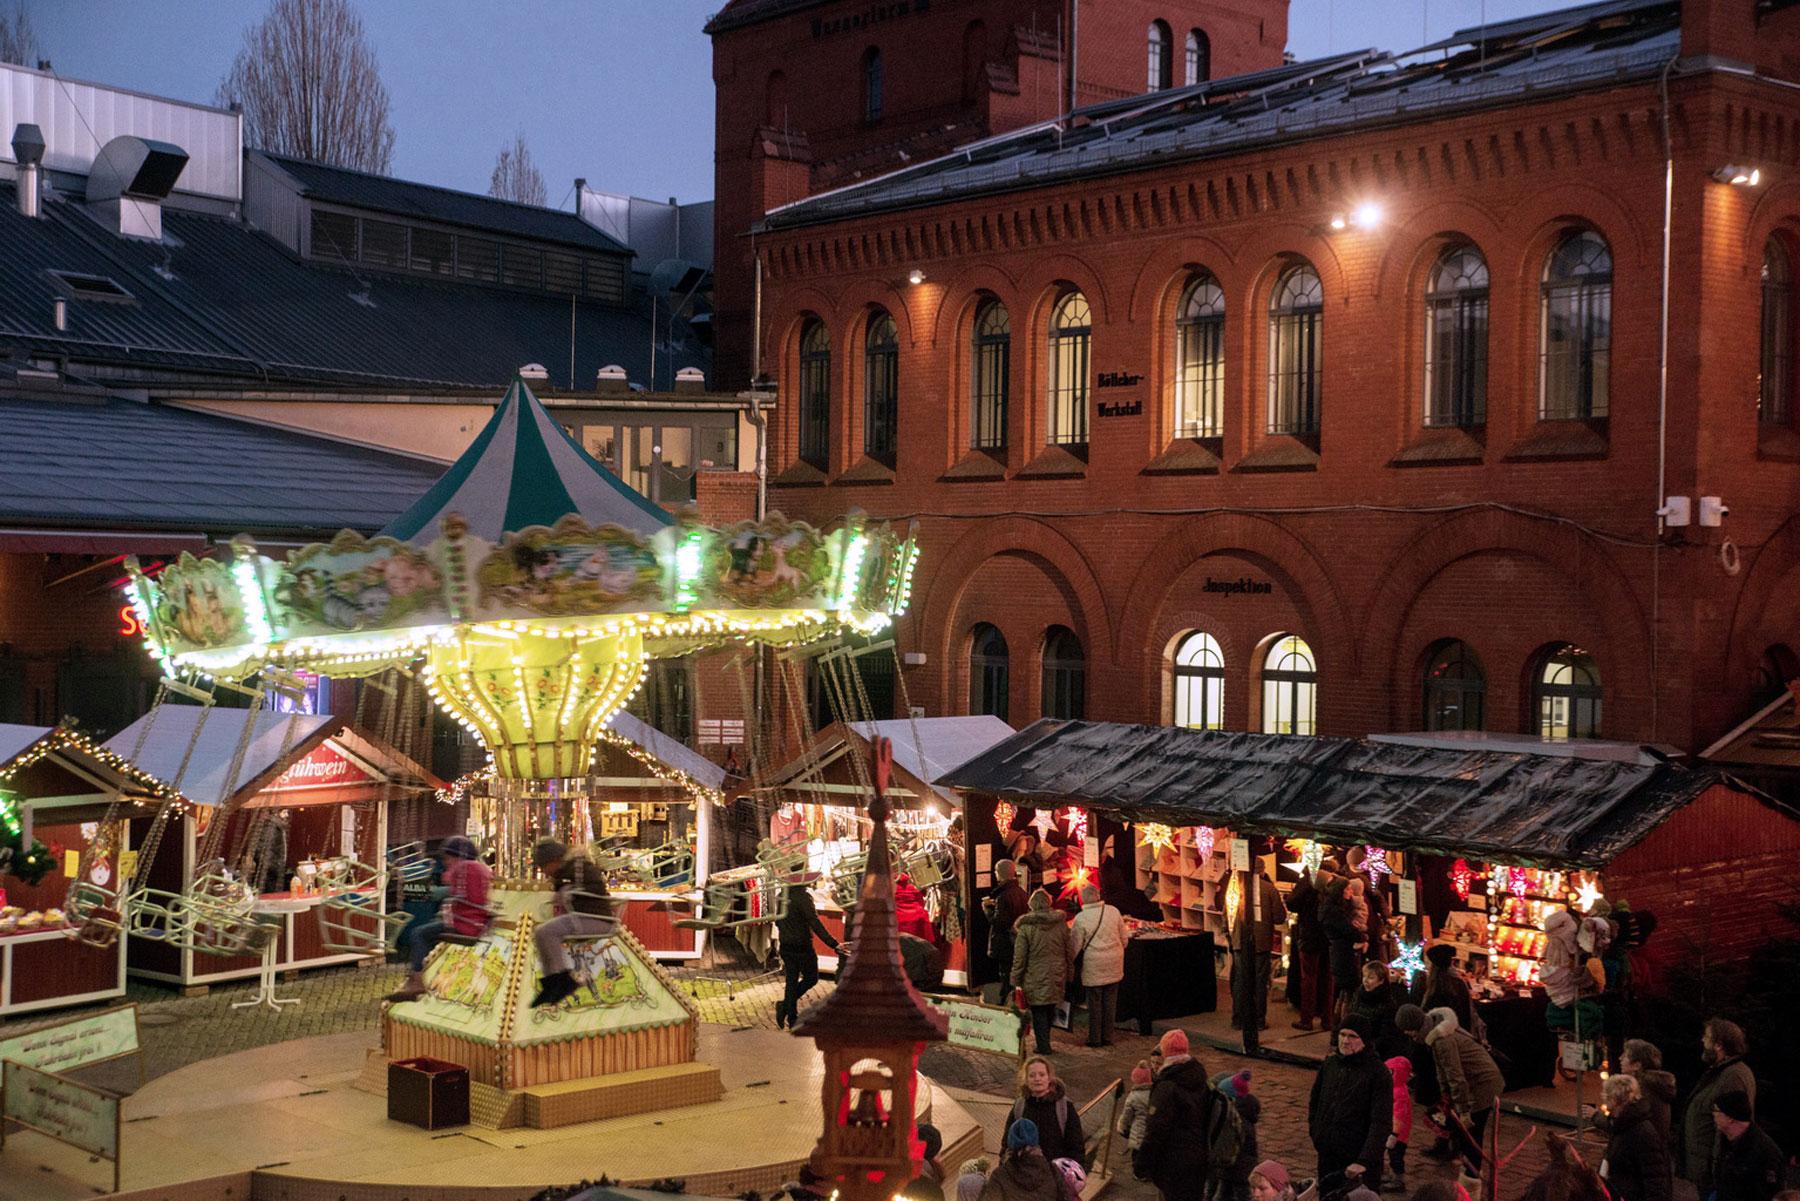 Kulturbrauerei-sisäpihalla pidettävät Lucia-joulumarkkinat.